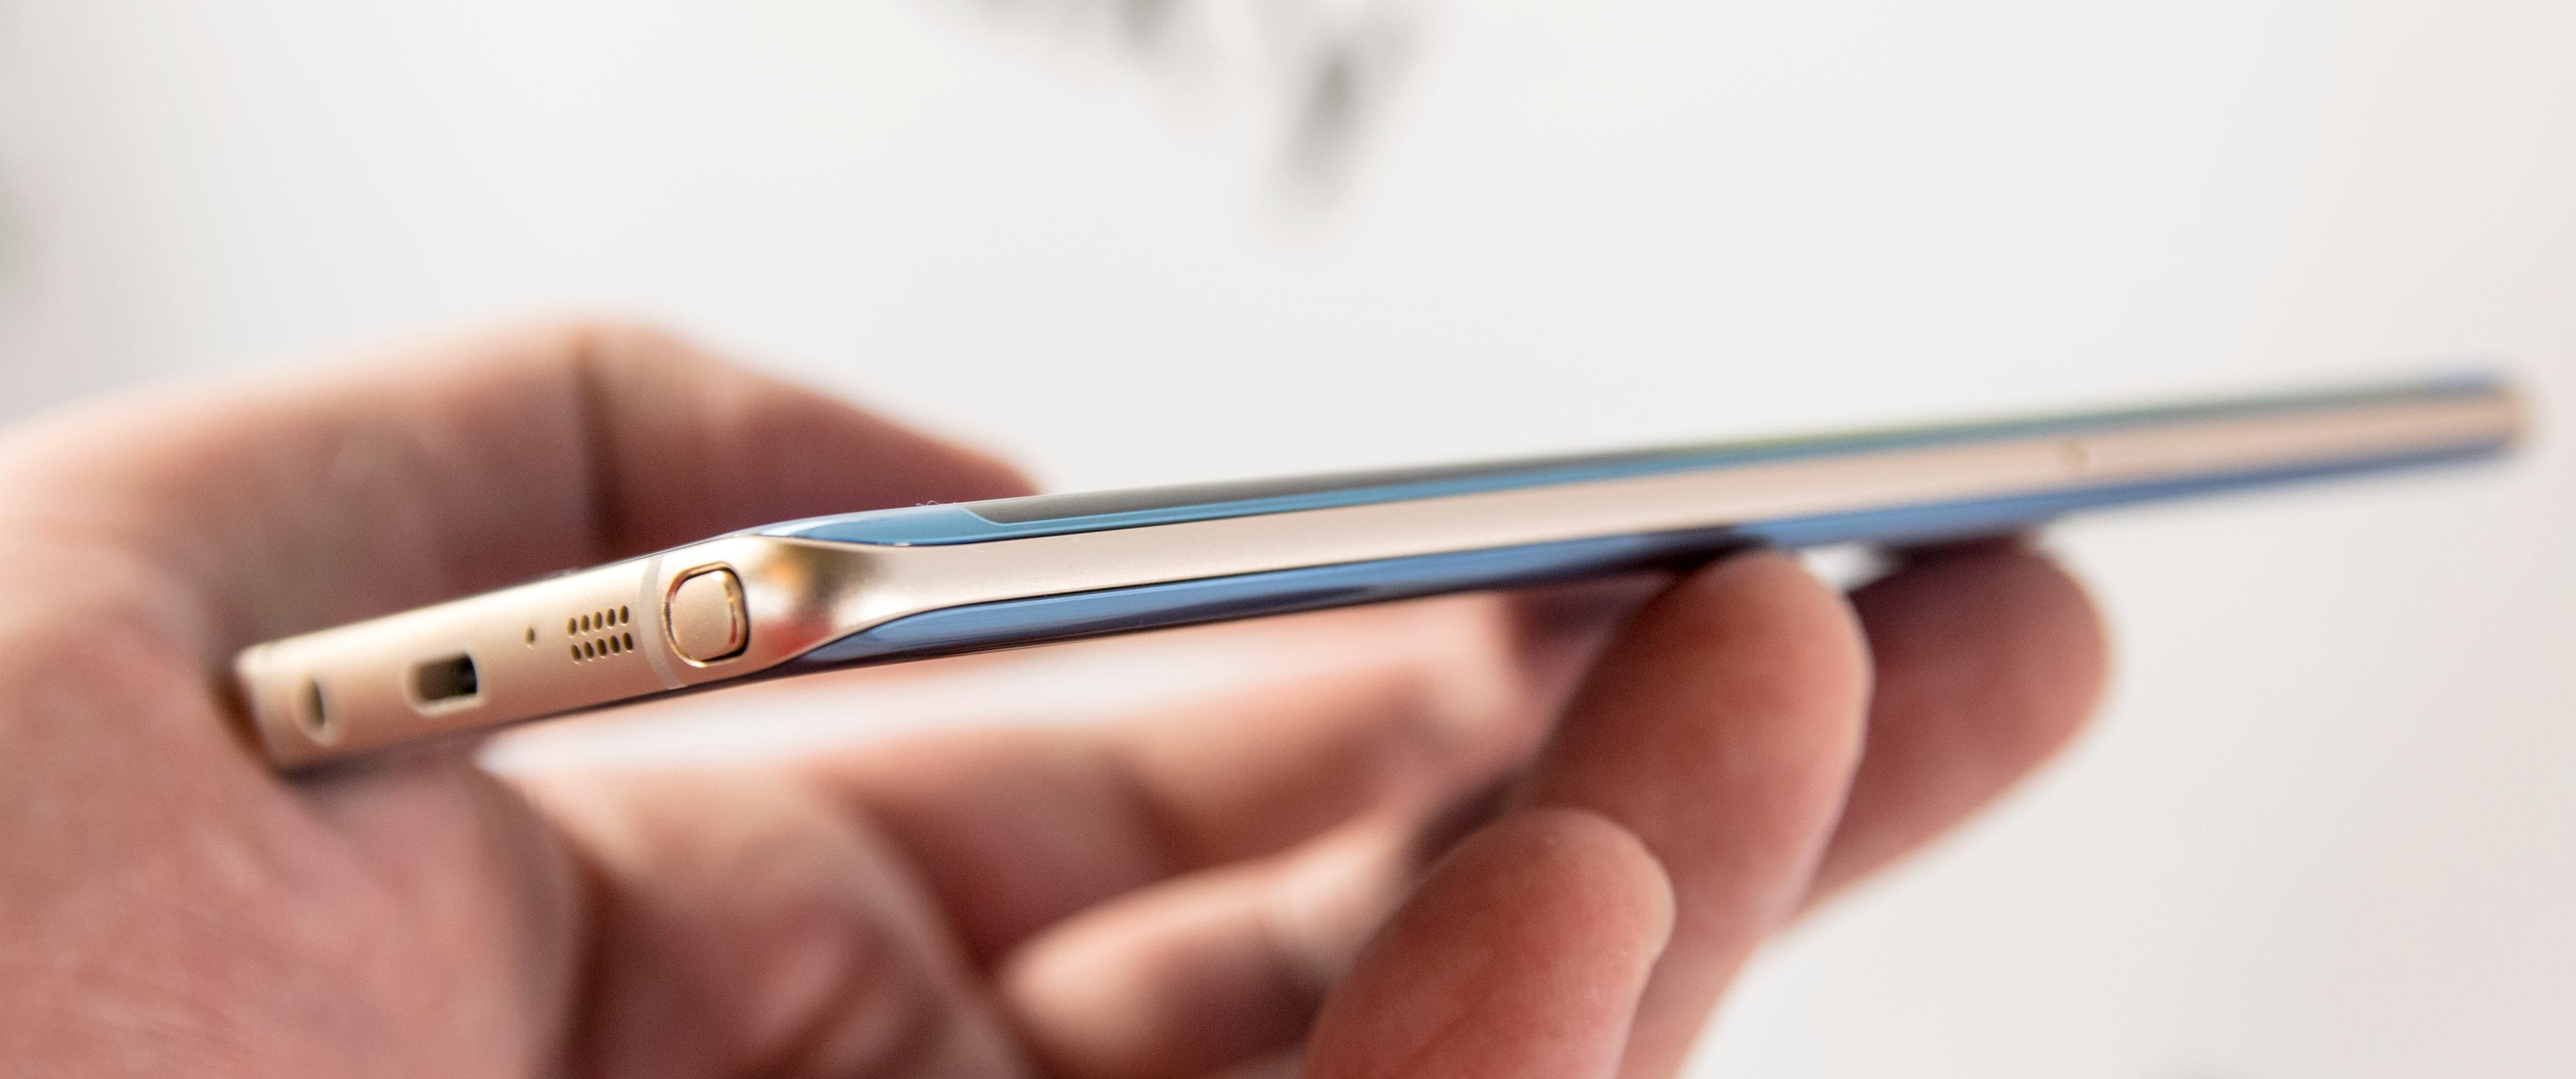 Dette er den første Galaxy Note-modellen, og en av svært få andre vi vet om, som kommer i en tofarget versjon. Den korallblå utgaven har gullfarget ramme.